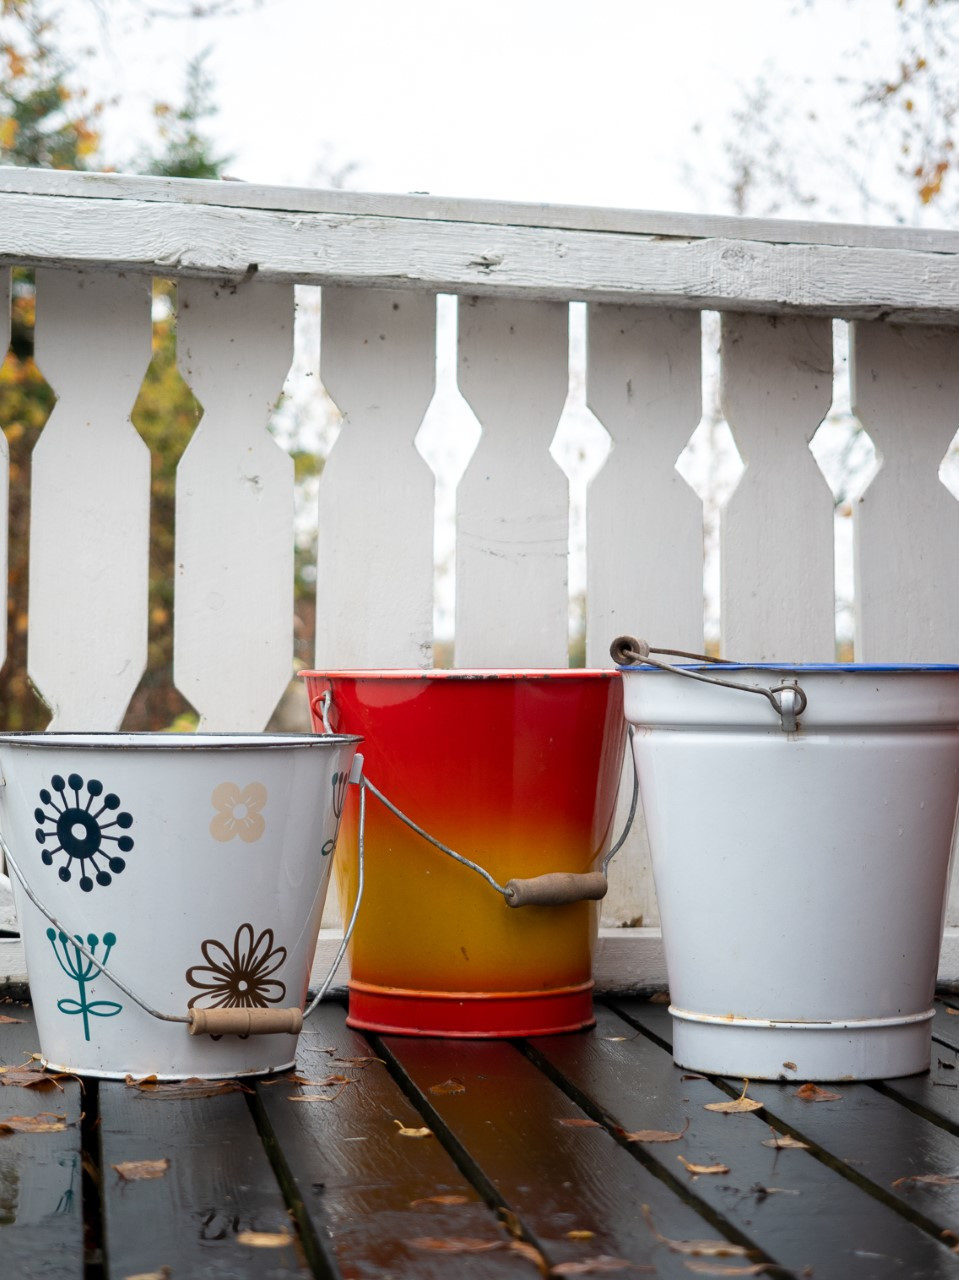 Suomessa on maailman puhtain juomavesi, mutta kannattako sitä käyttää vessanpytyn huuhtelemiseen?